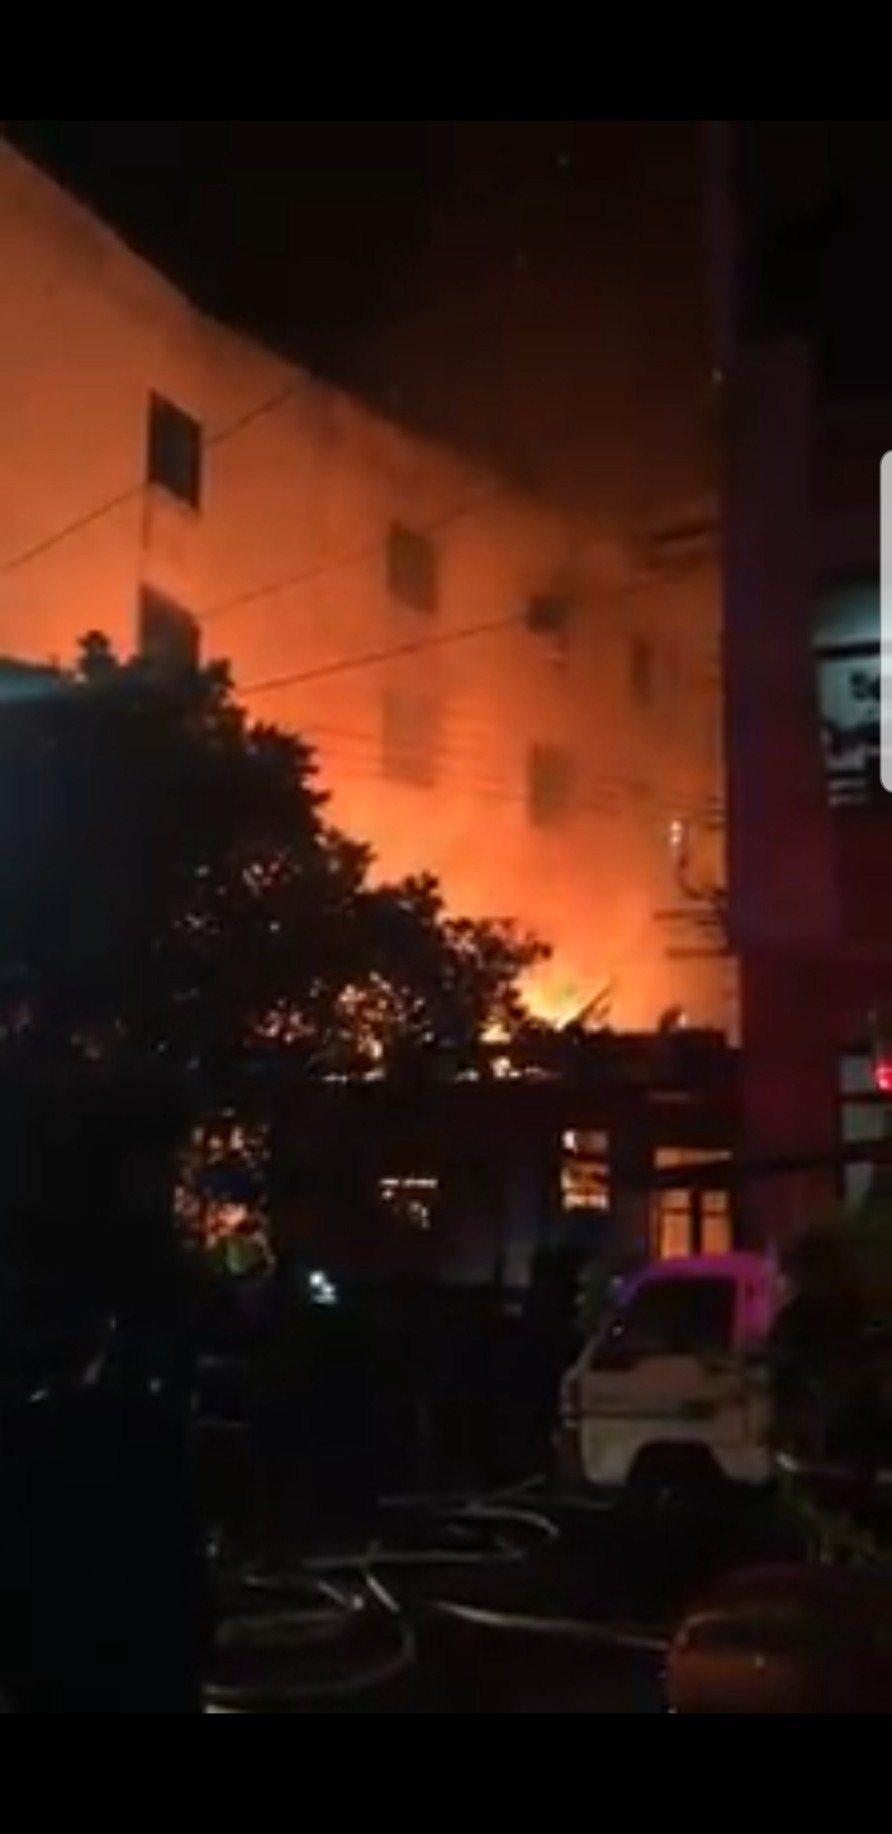 台中市清水區昨晚發生民宅大火,一死一傷。圖/取自臉書爆料公社